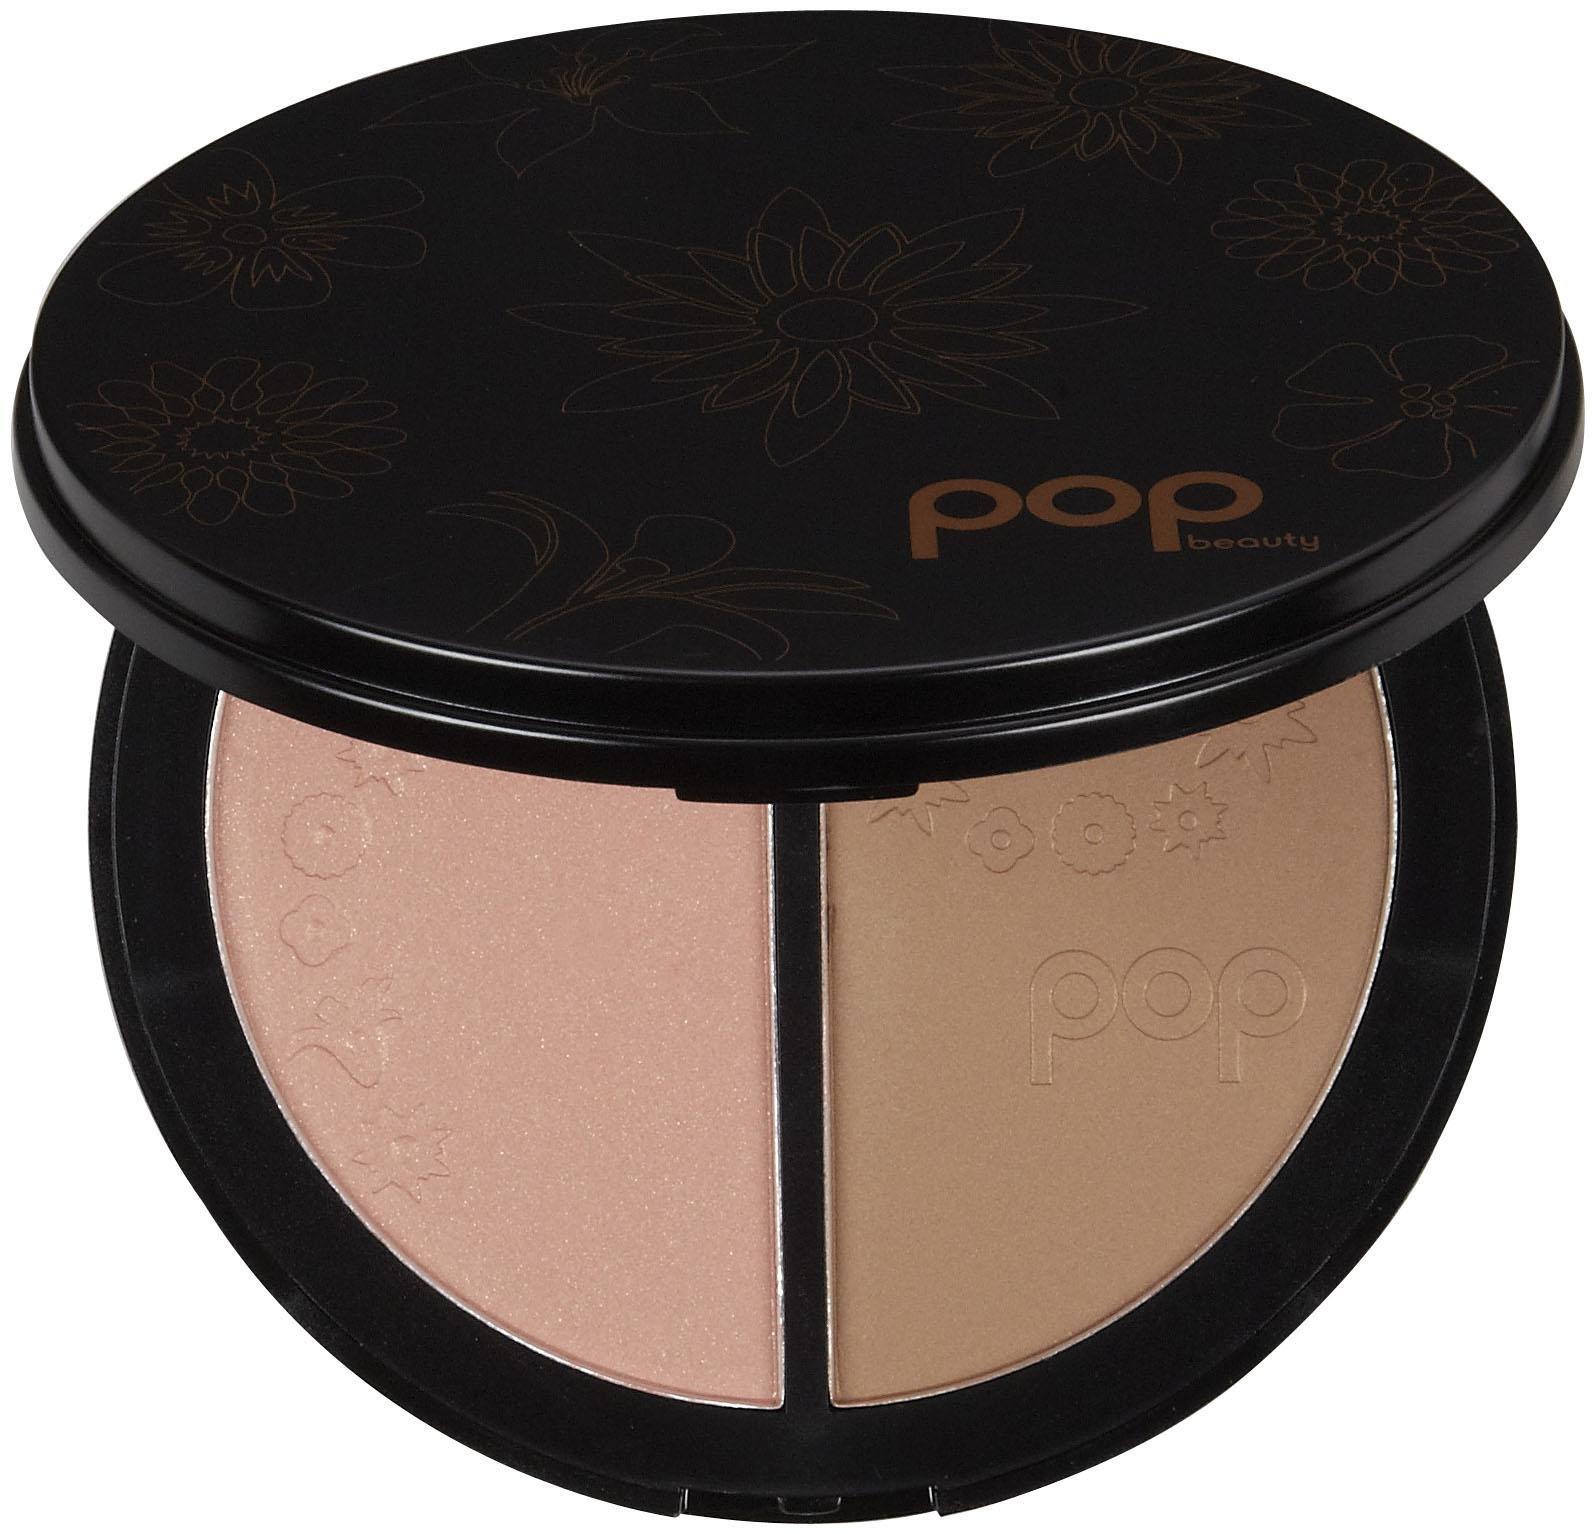 POP Beauty Double Duty Bronzer